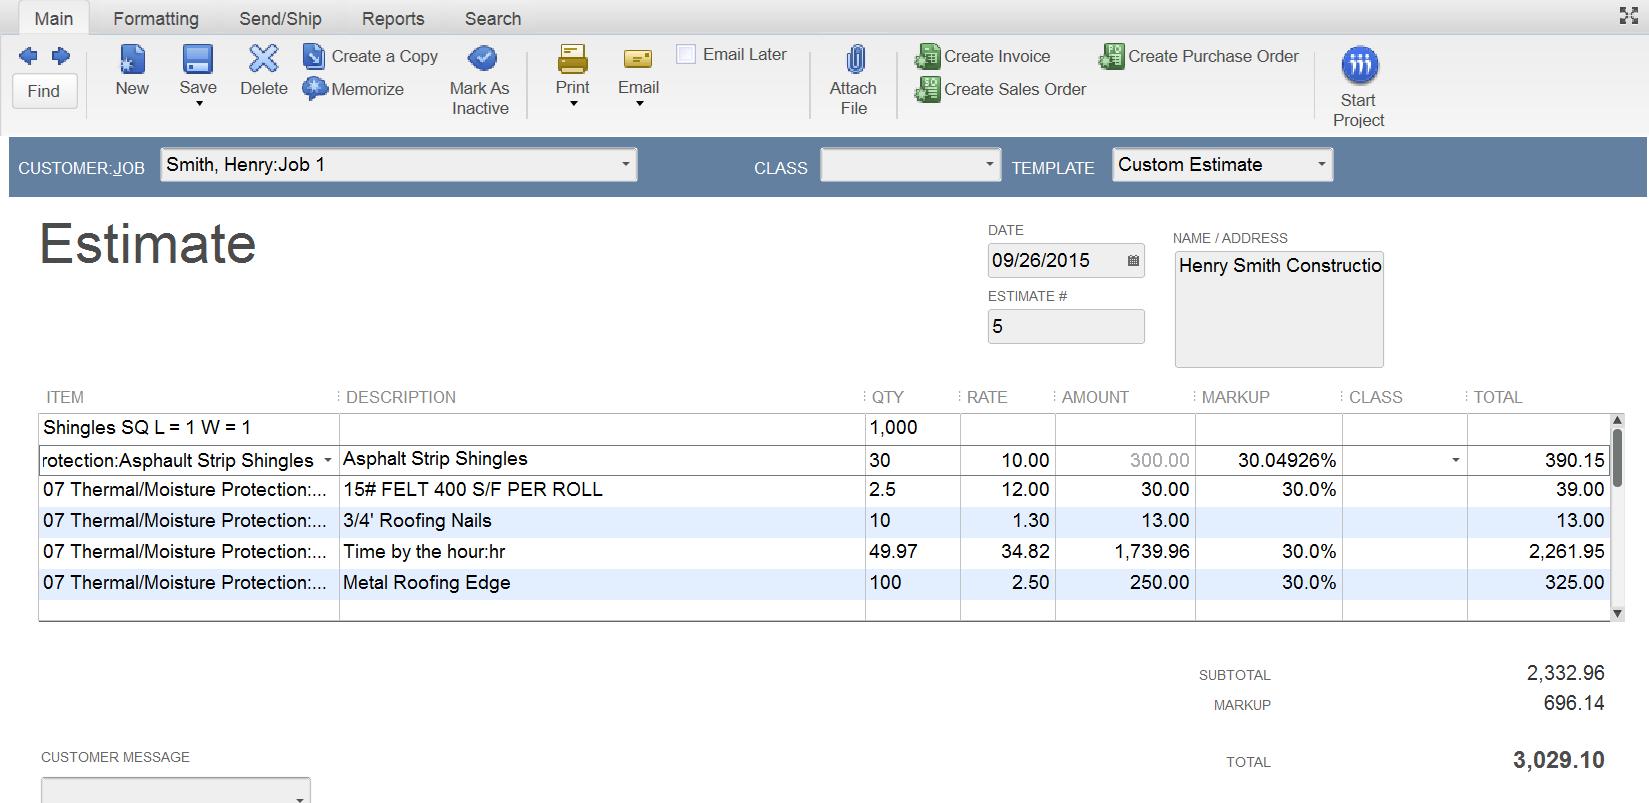 Intuit QuickBooks Enterprise Soltuions for Contractors